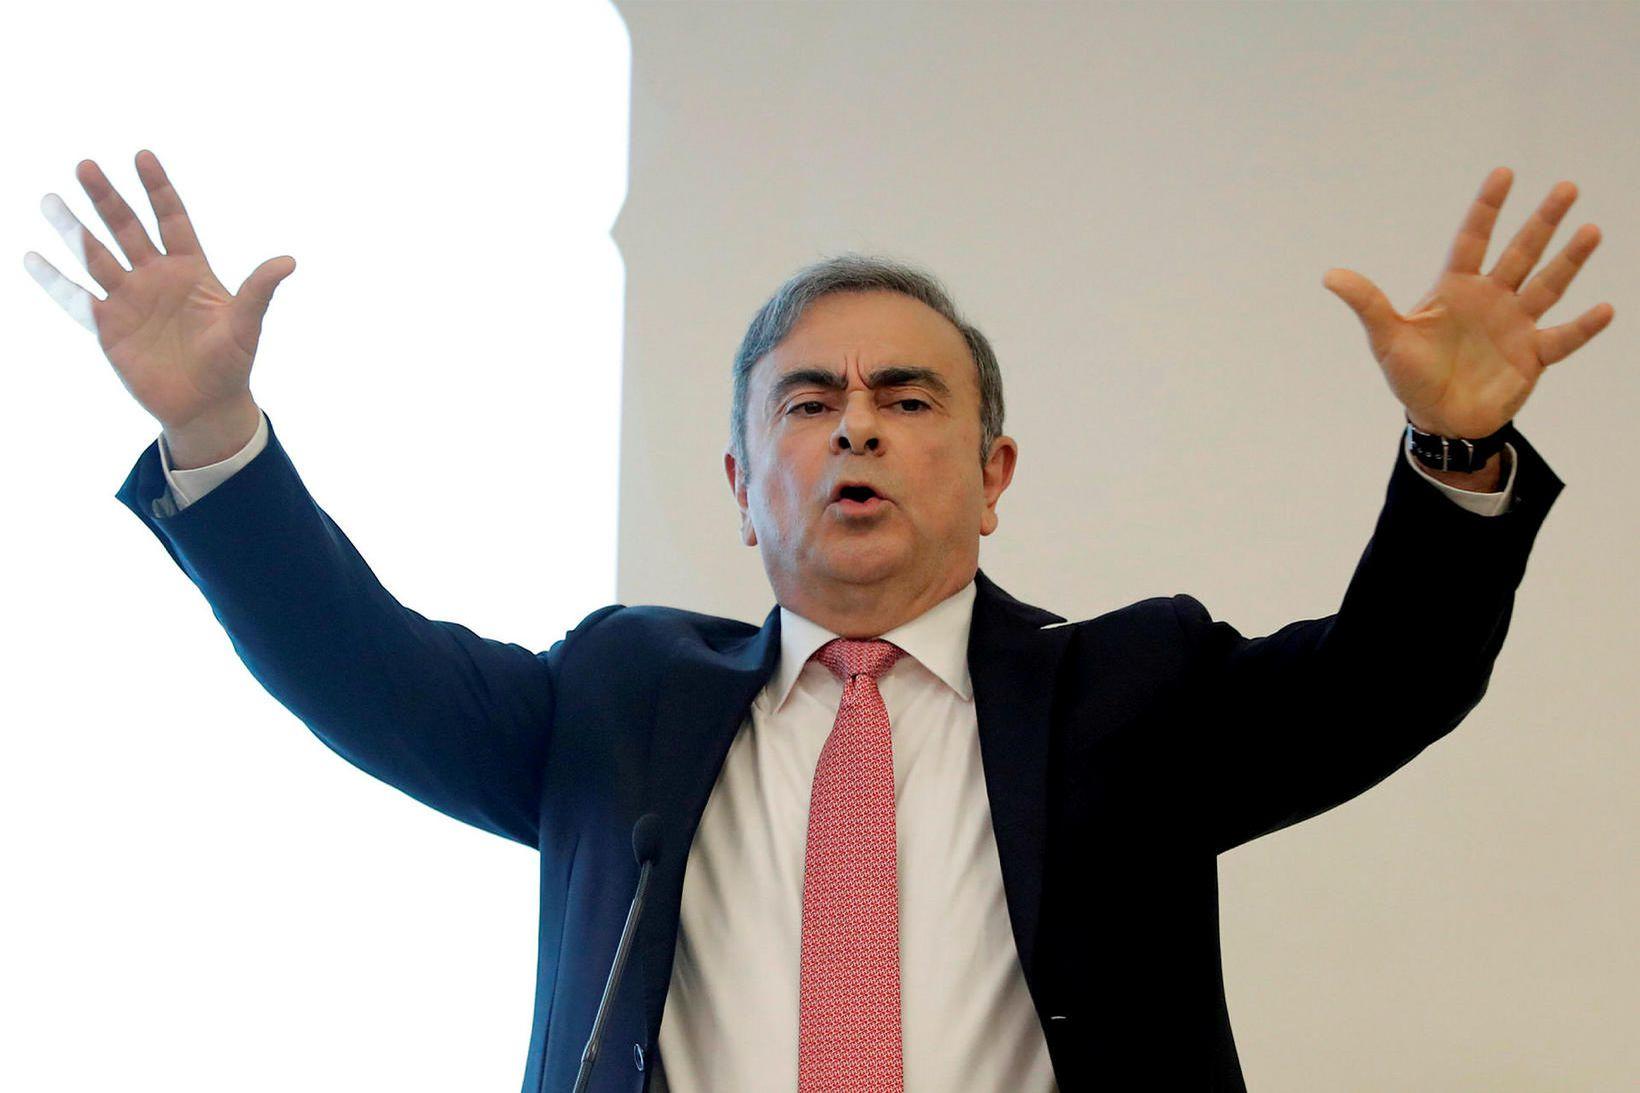 Flúði Carlos Ghosn, fyrrverandi forstjóri Nissan, frá Japan til Líbanon …